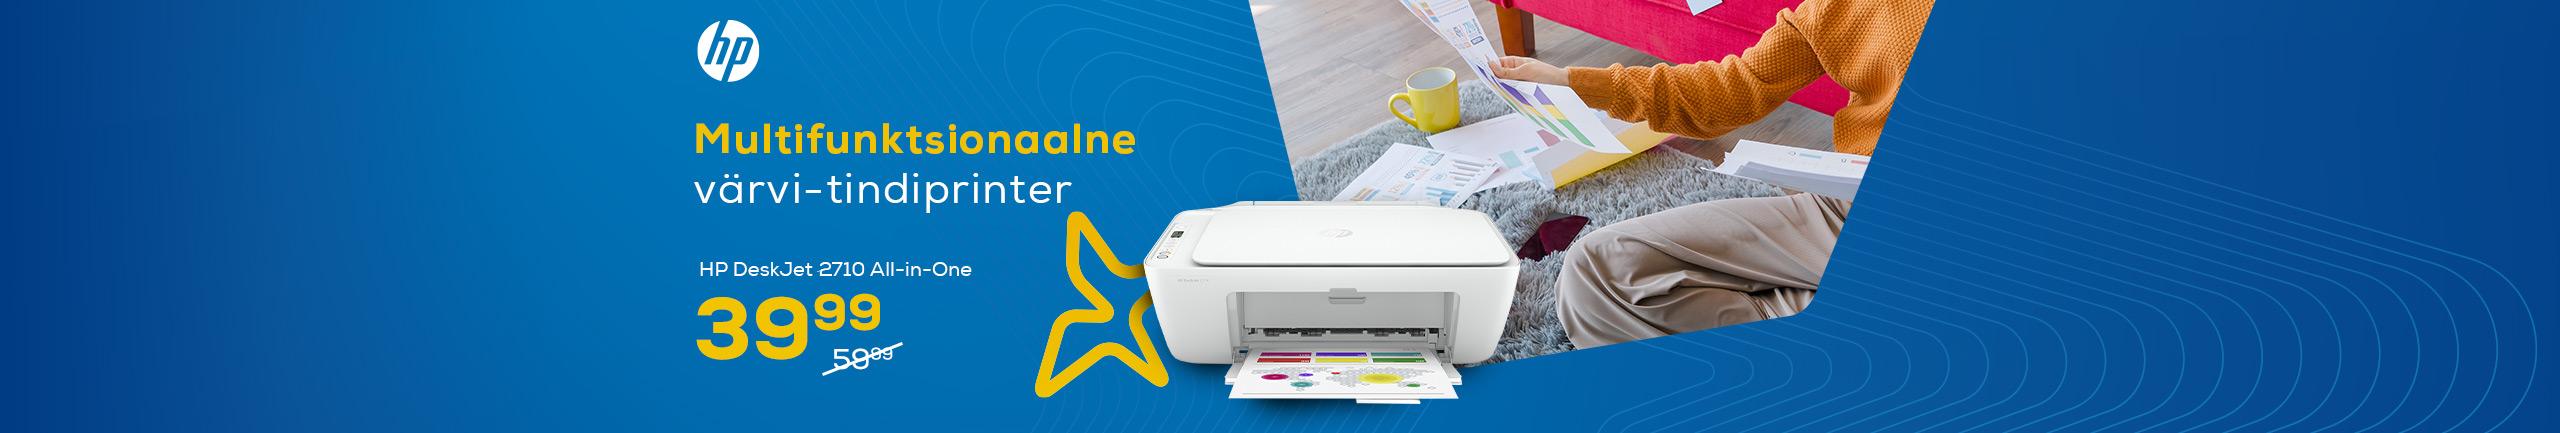 HP DeskJet 2710 MF-printer